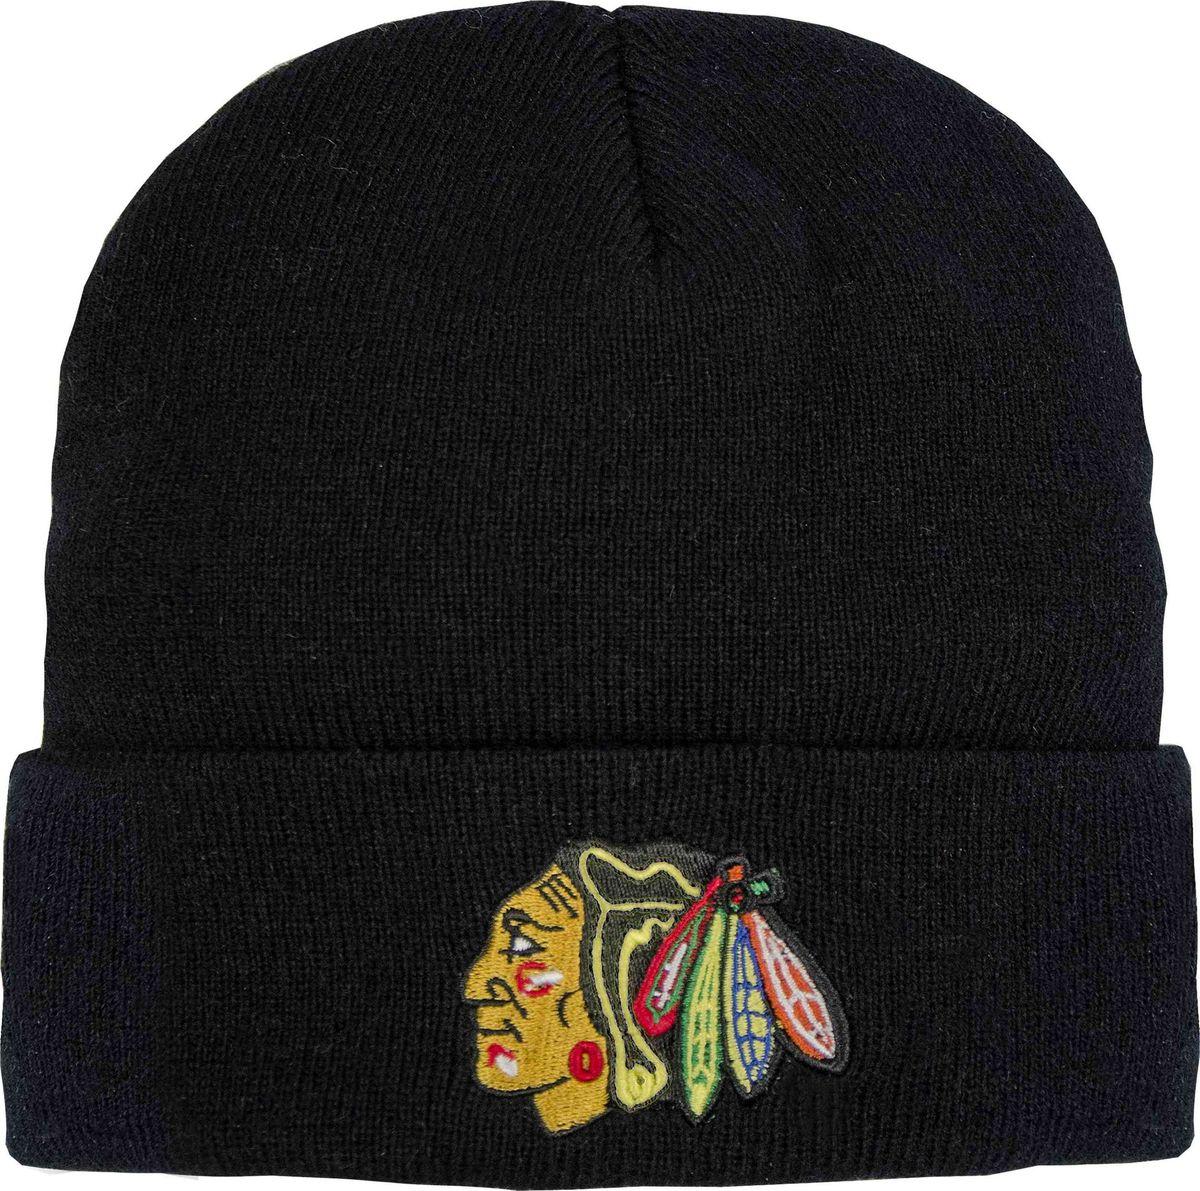 Шапка мужская Atributika & Club Chicago Blackhawks, цвет: черный. 59001. Размер 55/58 шапка мужская atributika